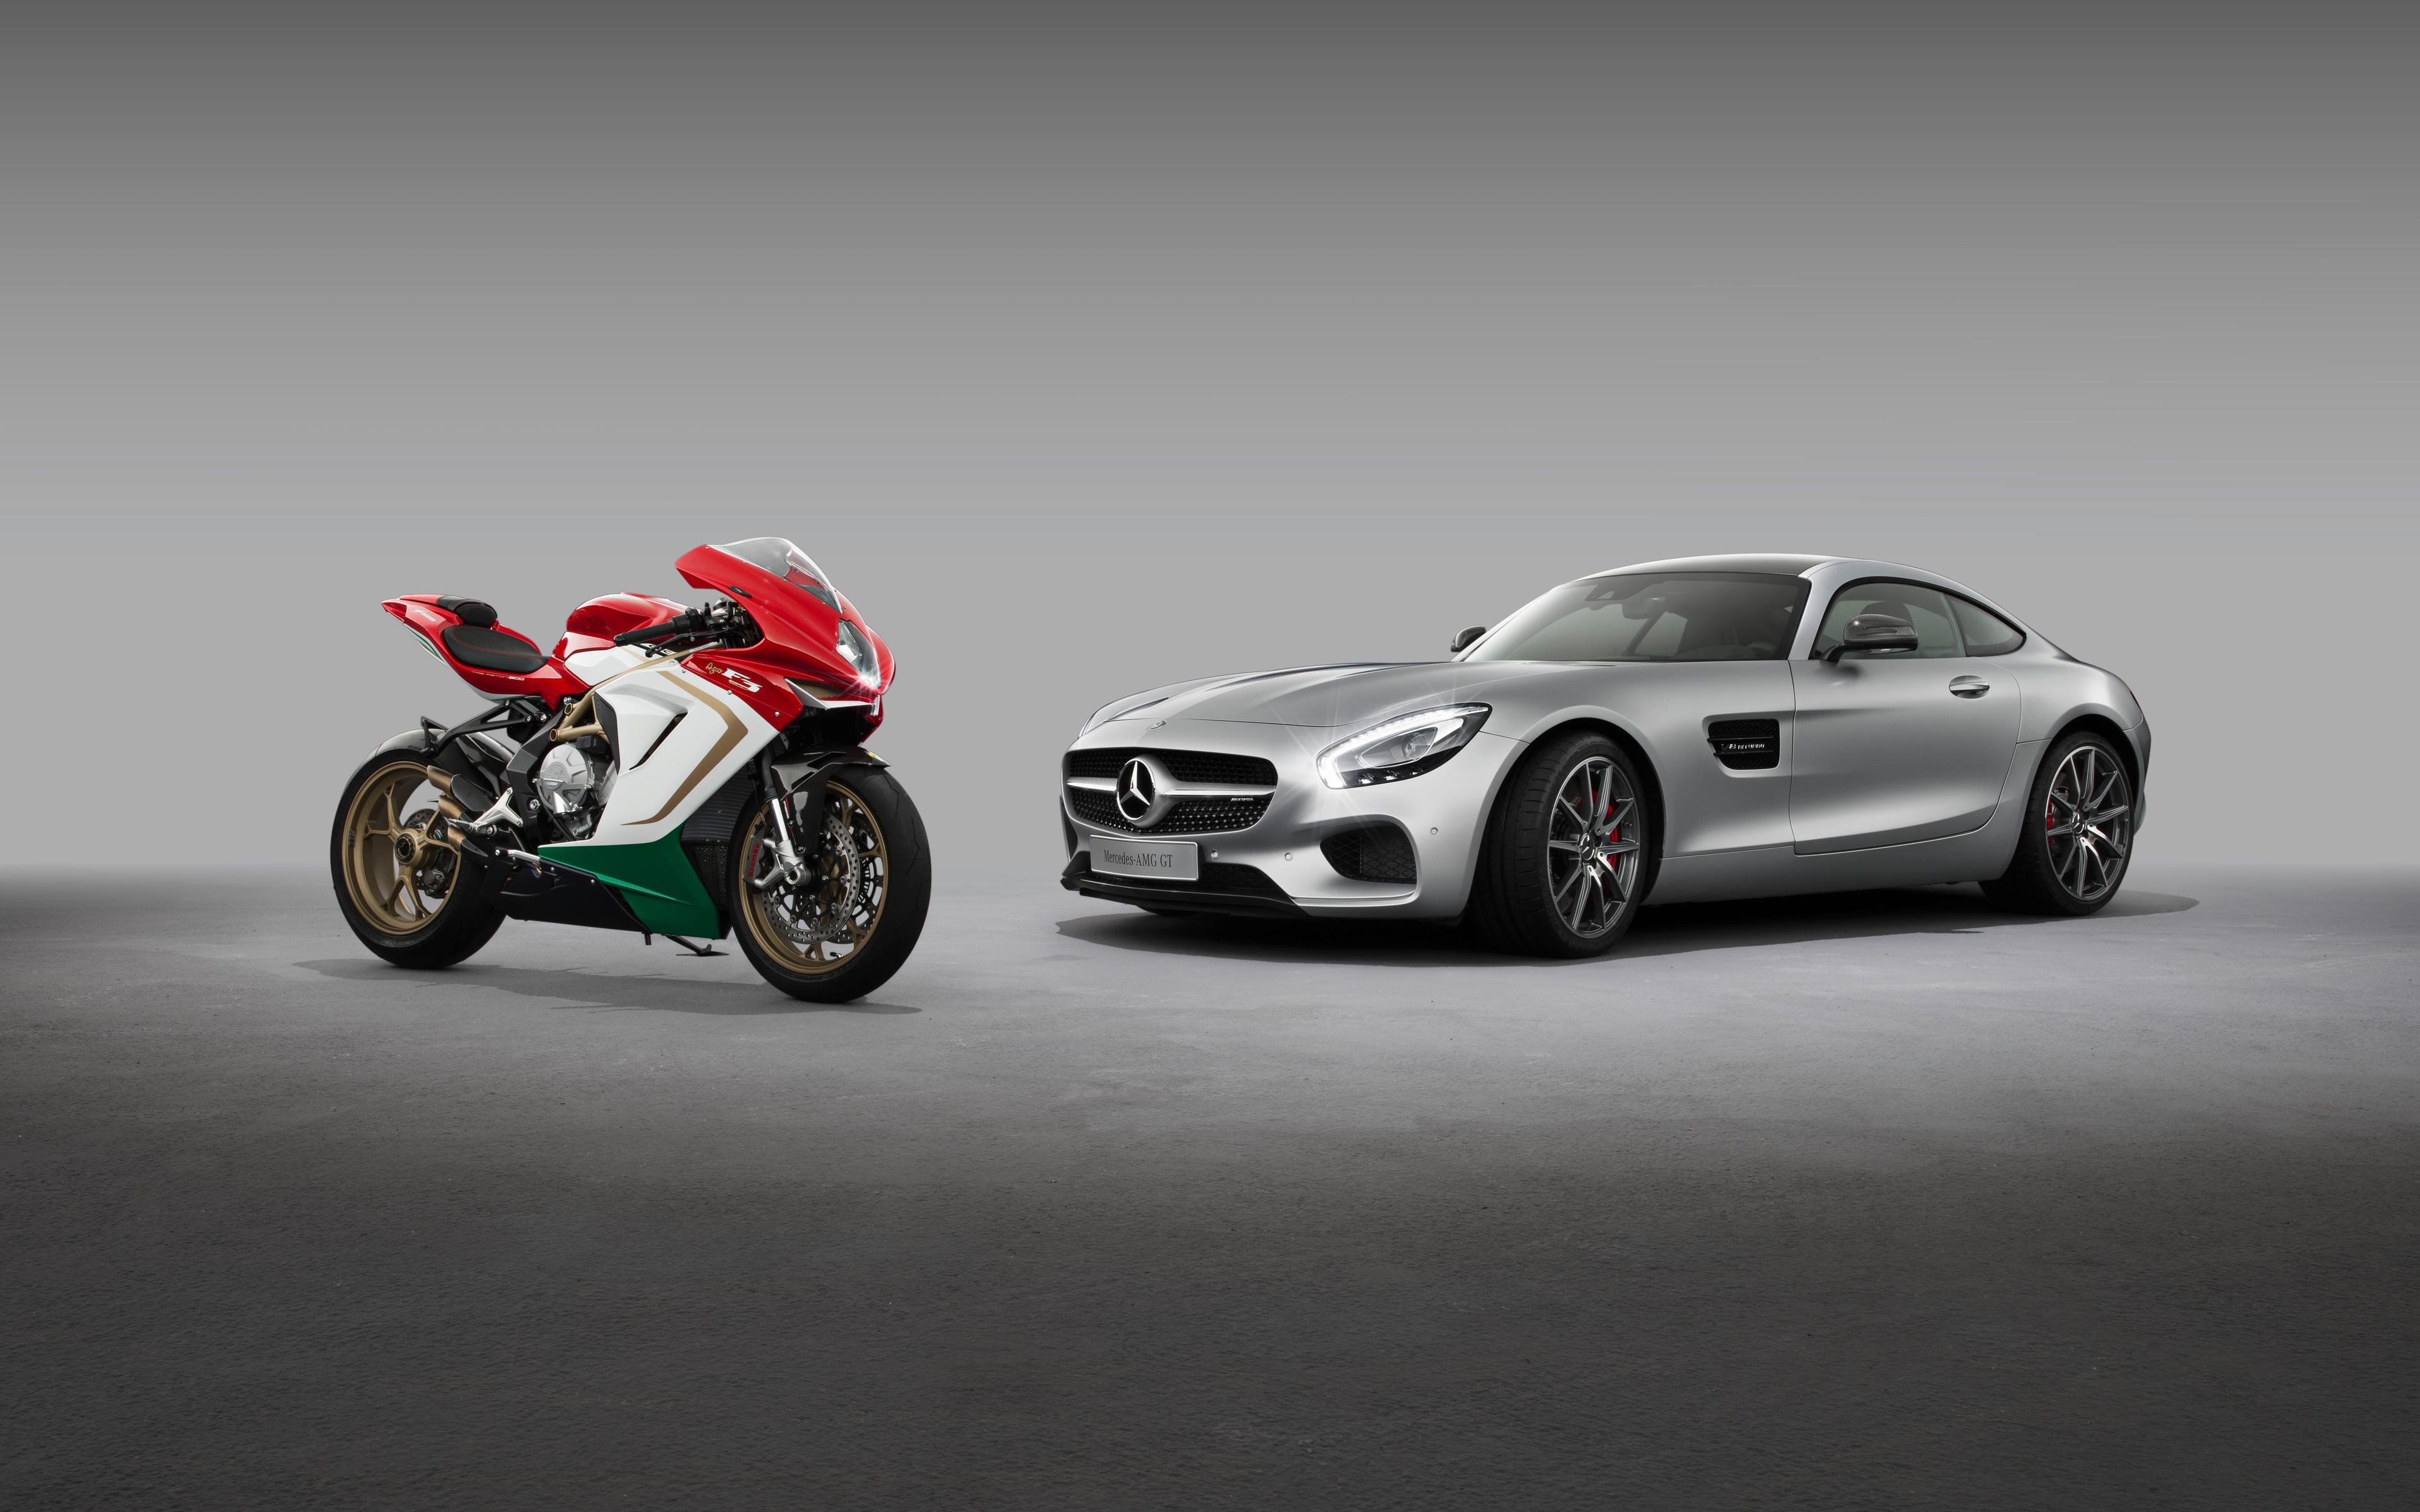 3840x2400 Mercedes AMG GT MV Agusta F3 Agostini 8k 4k HD